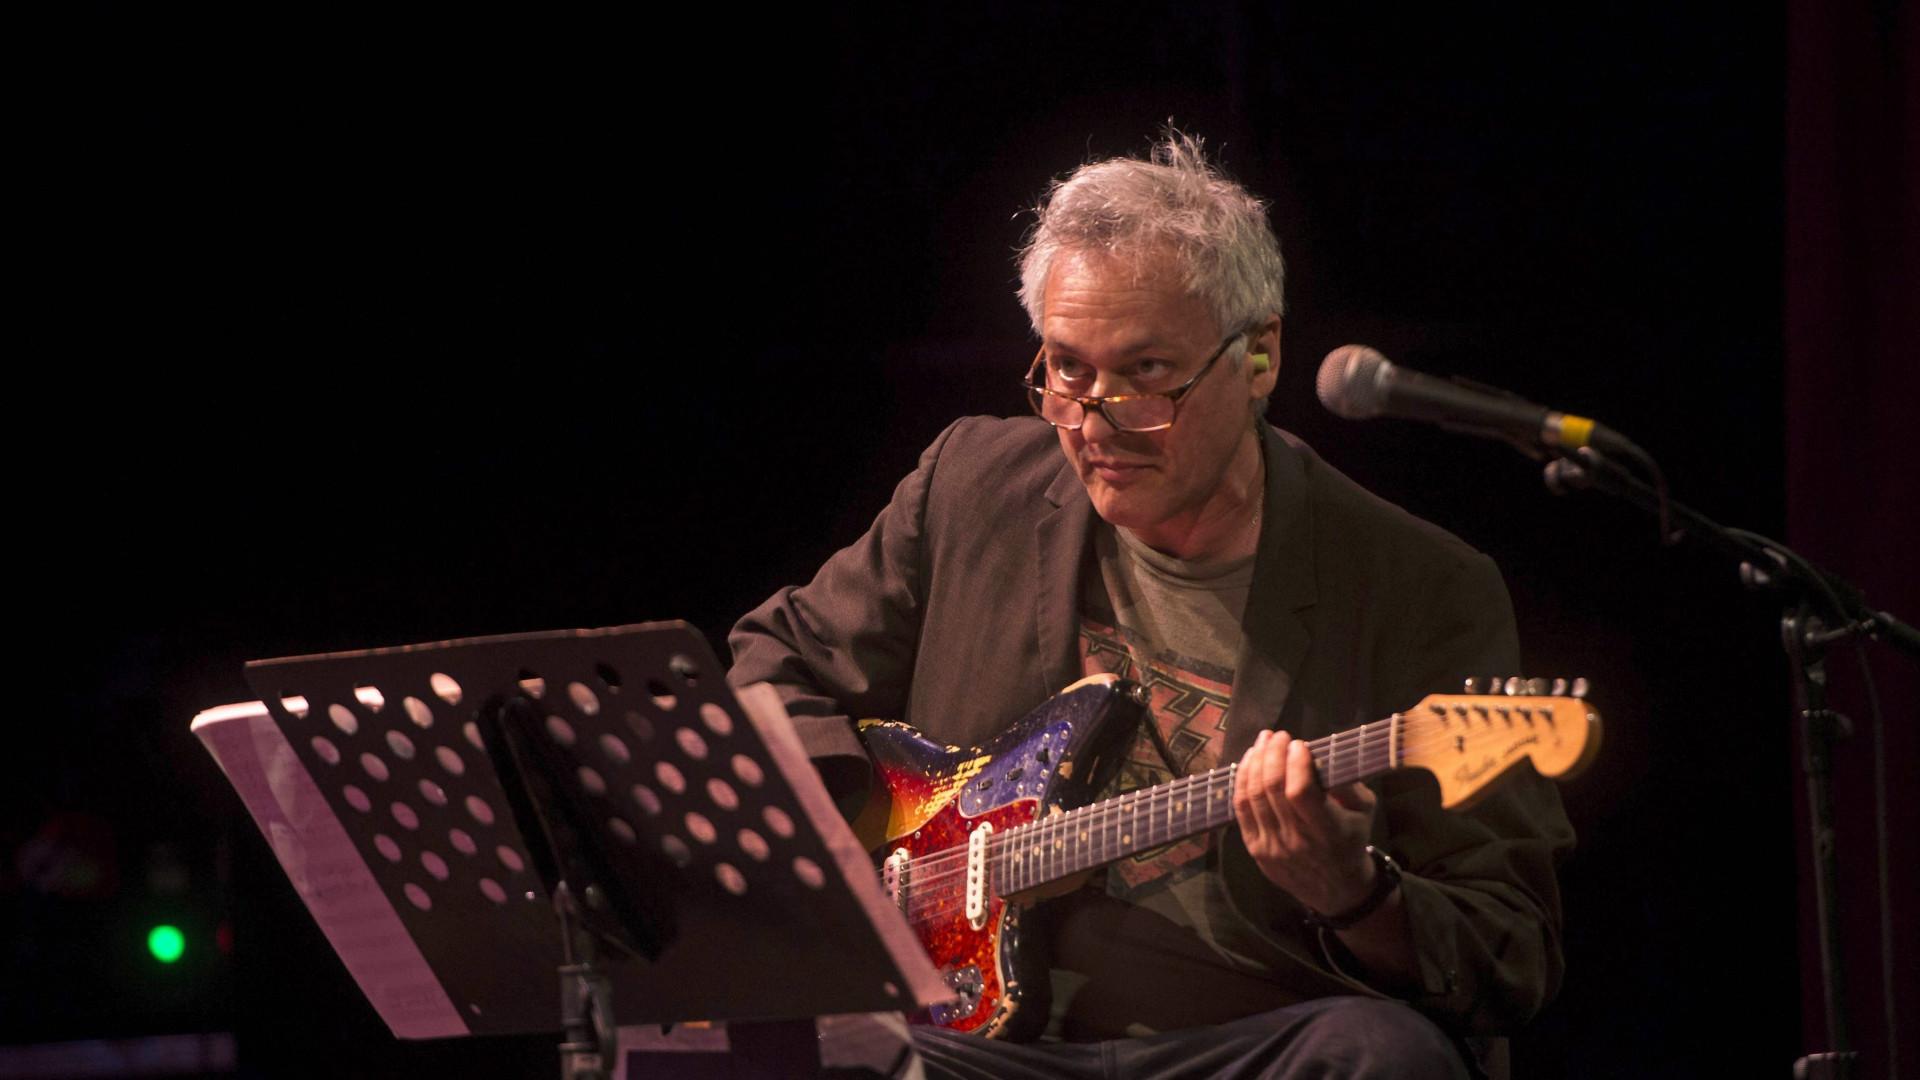 Festival Jazz volta a abrir com Marc Ribot, com 'Songs of Resistance'